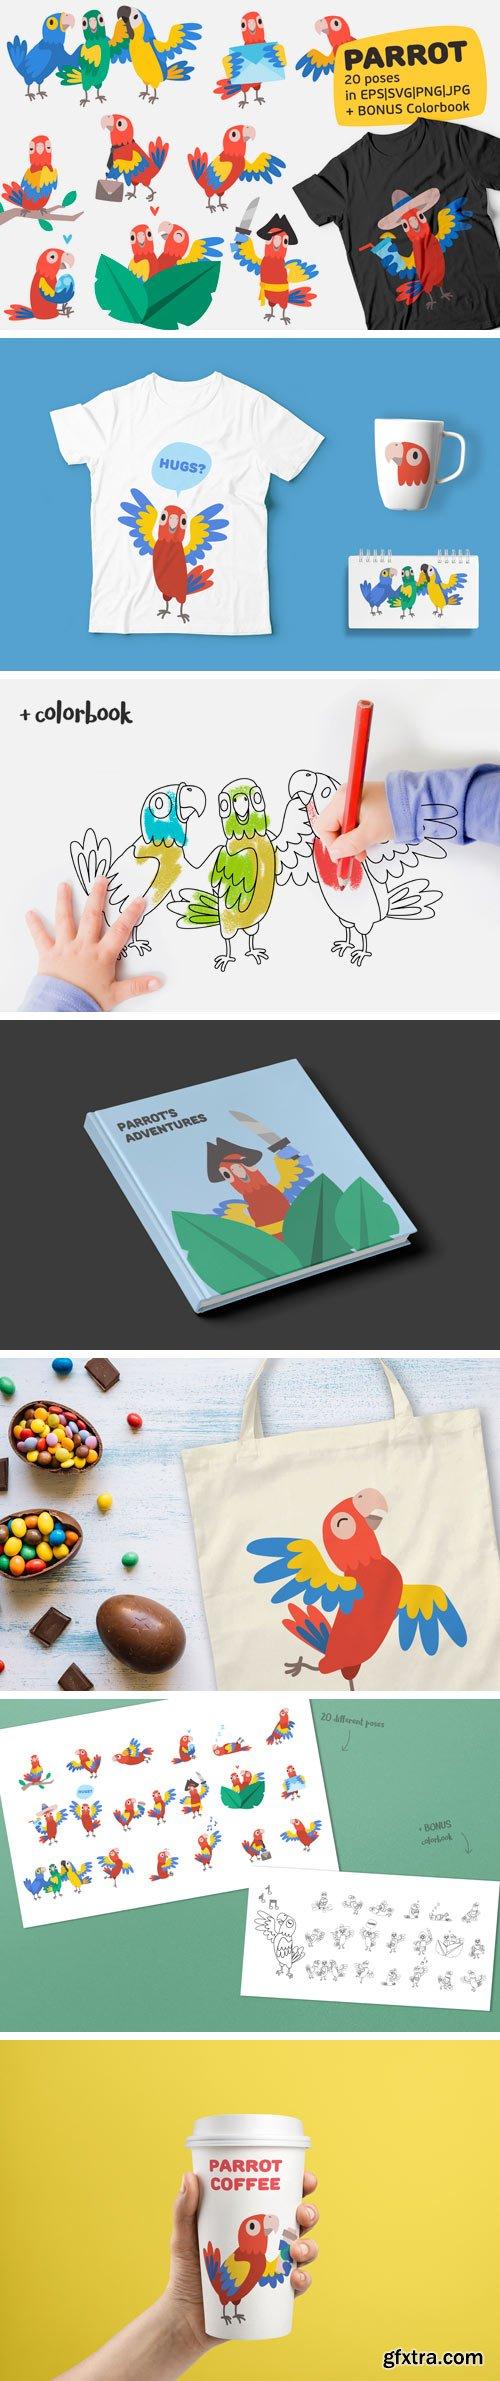 Designbundles - Parrot Bundle 102716